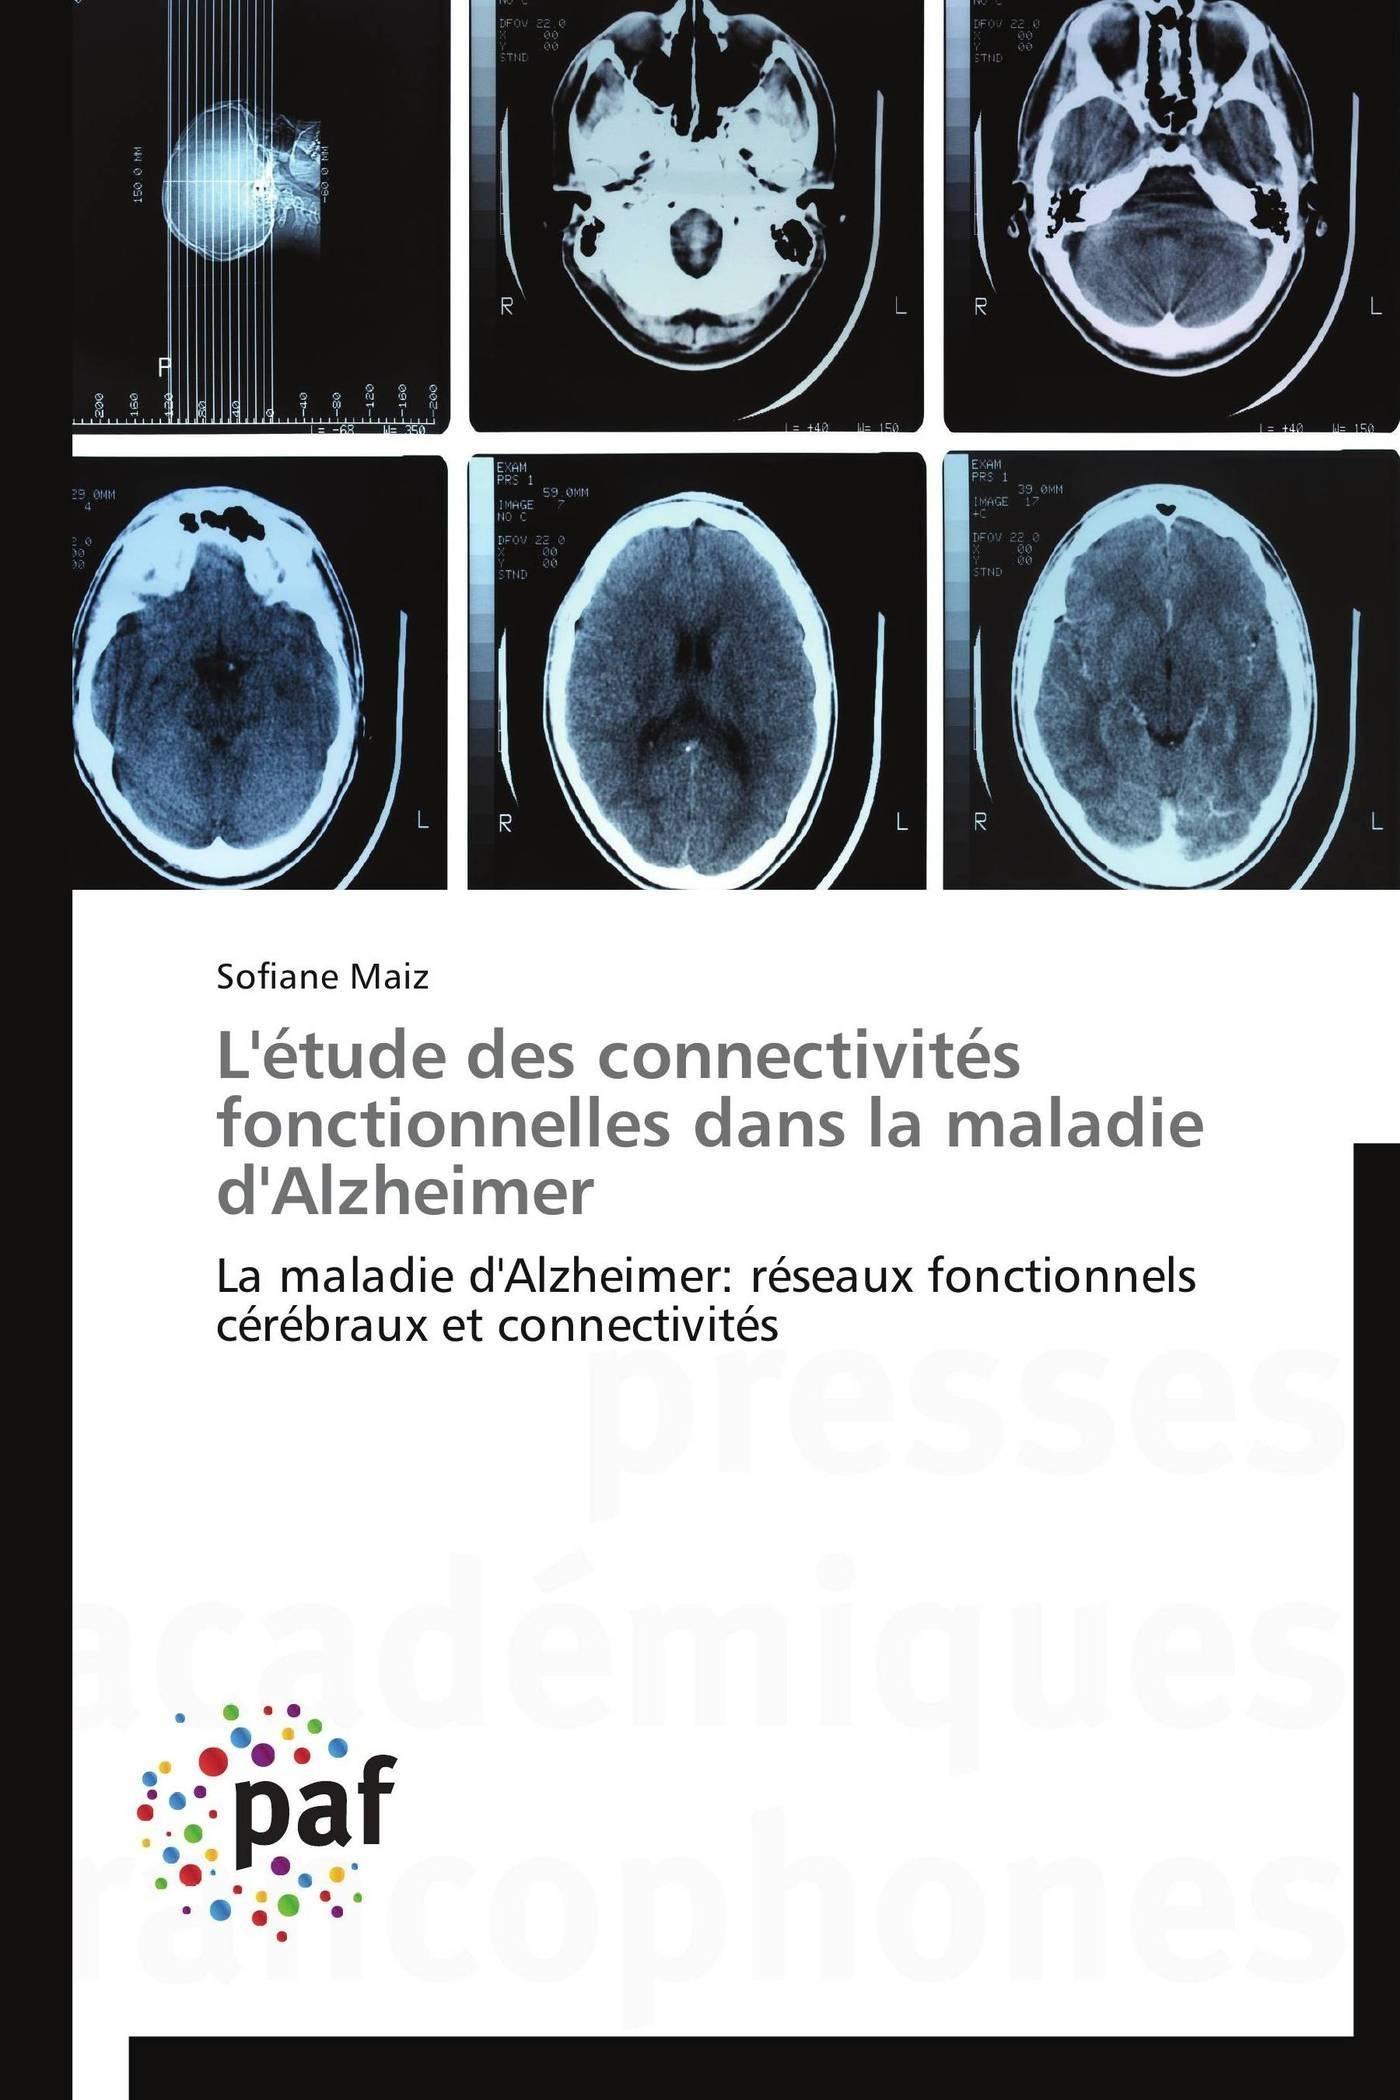 L'ETUDE DES CONNECTIVITES FONCTIONNELLES DANS LA MALADIE D'ALZHEIMER